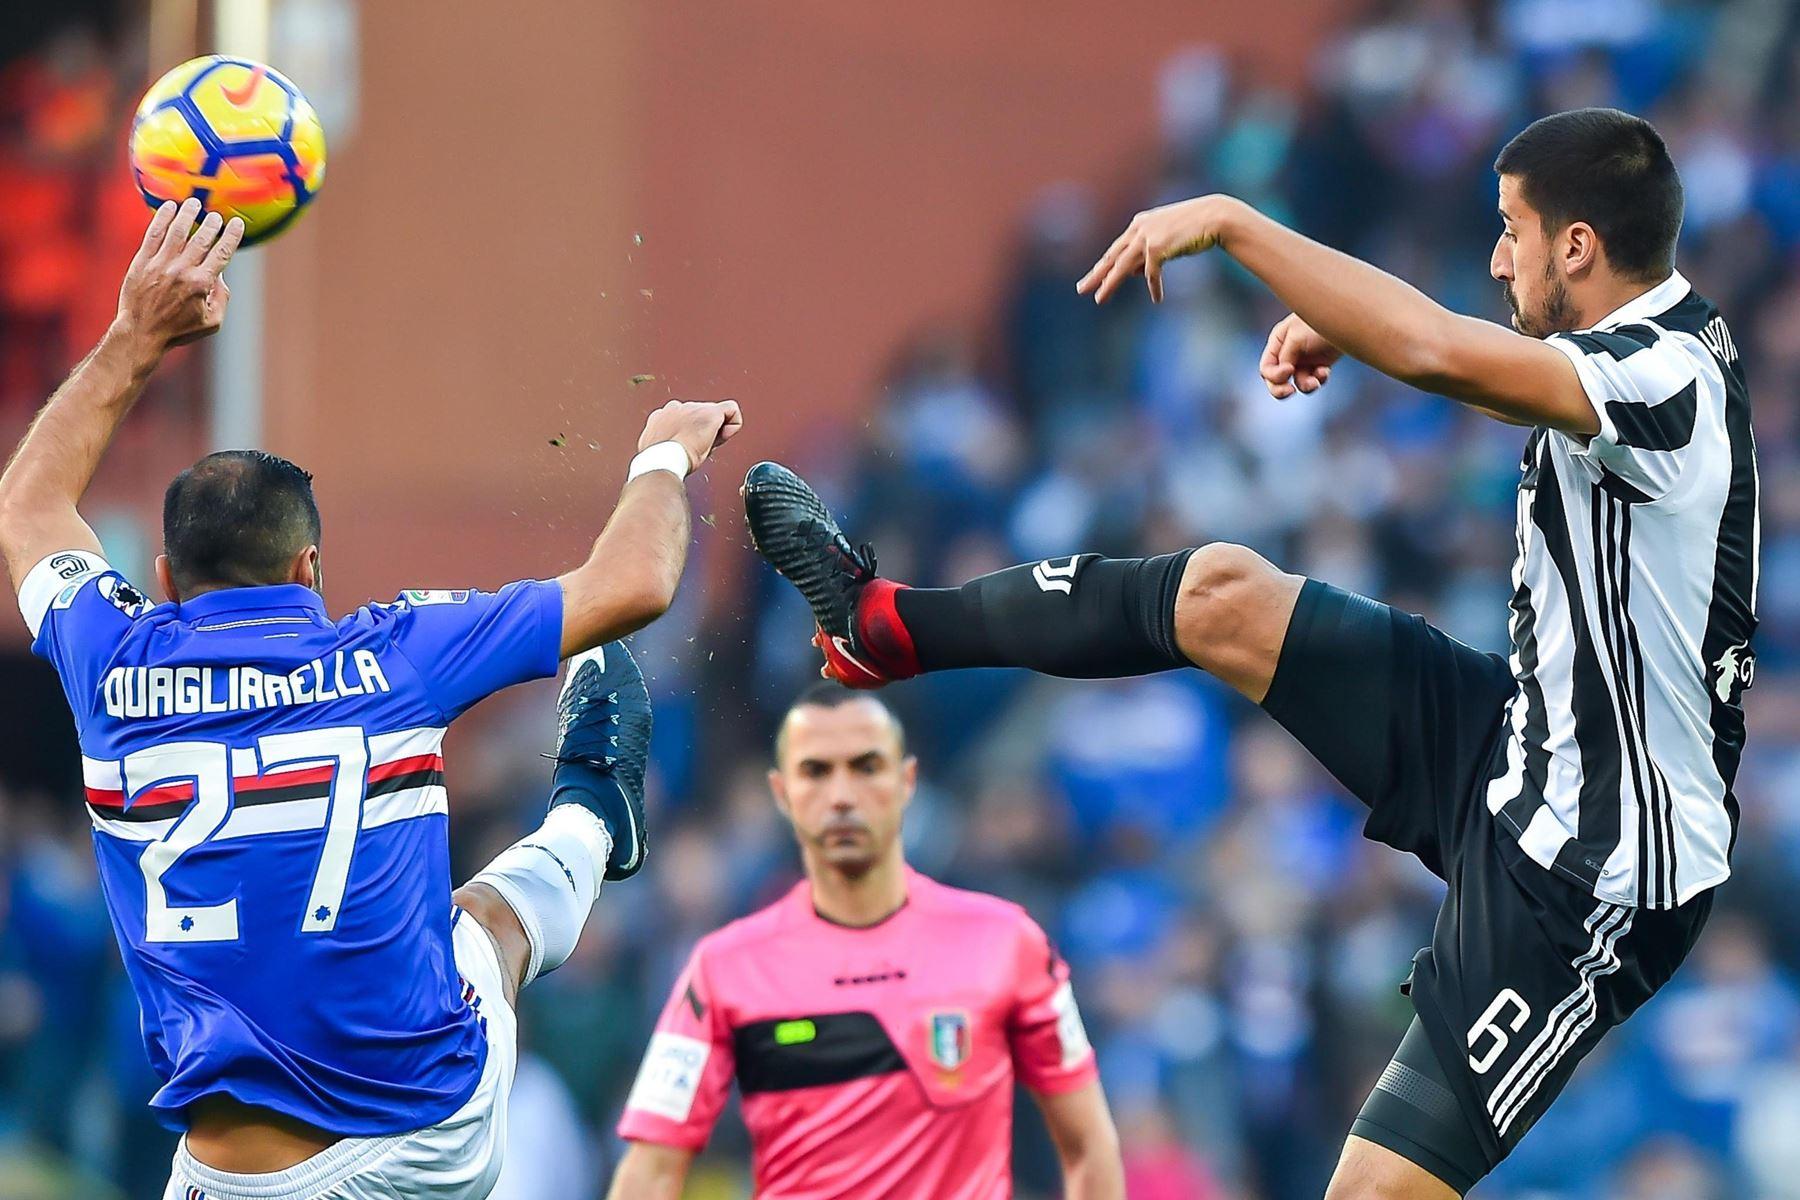 Juventus tabte søndag 2-3 til Sampdoria, og mestrene har nu fire point op til førerholdet Napoli.